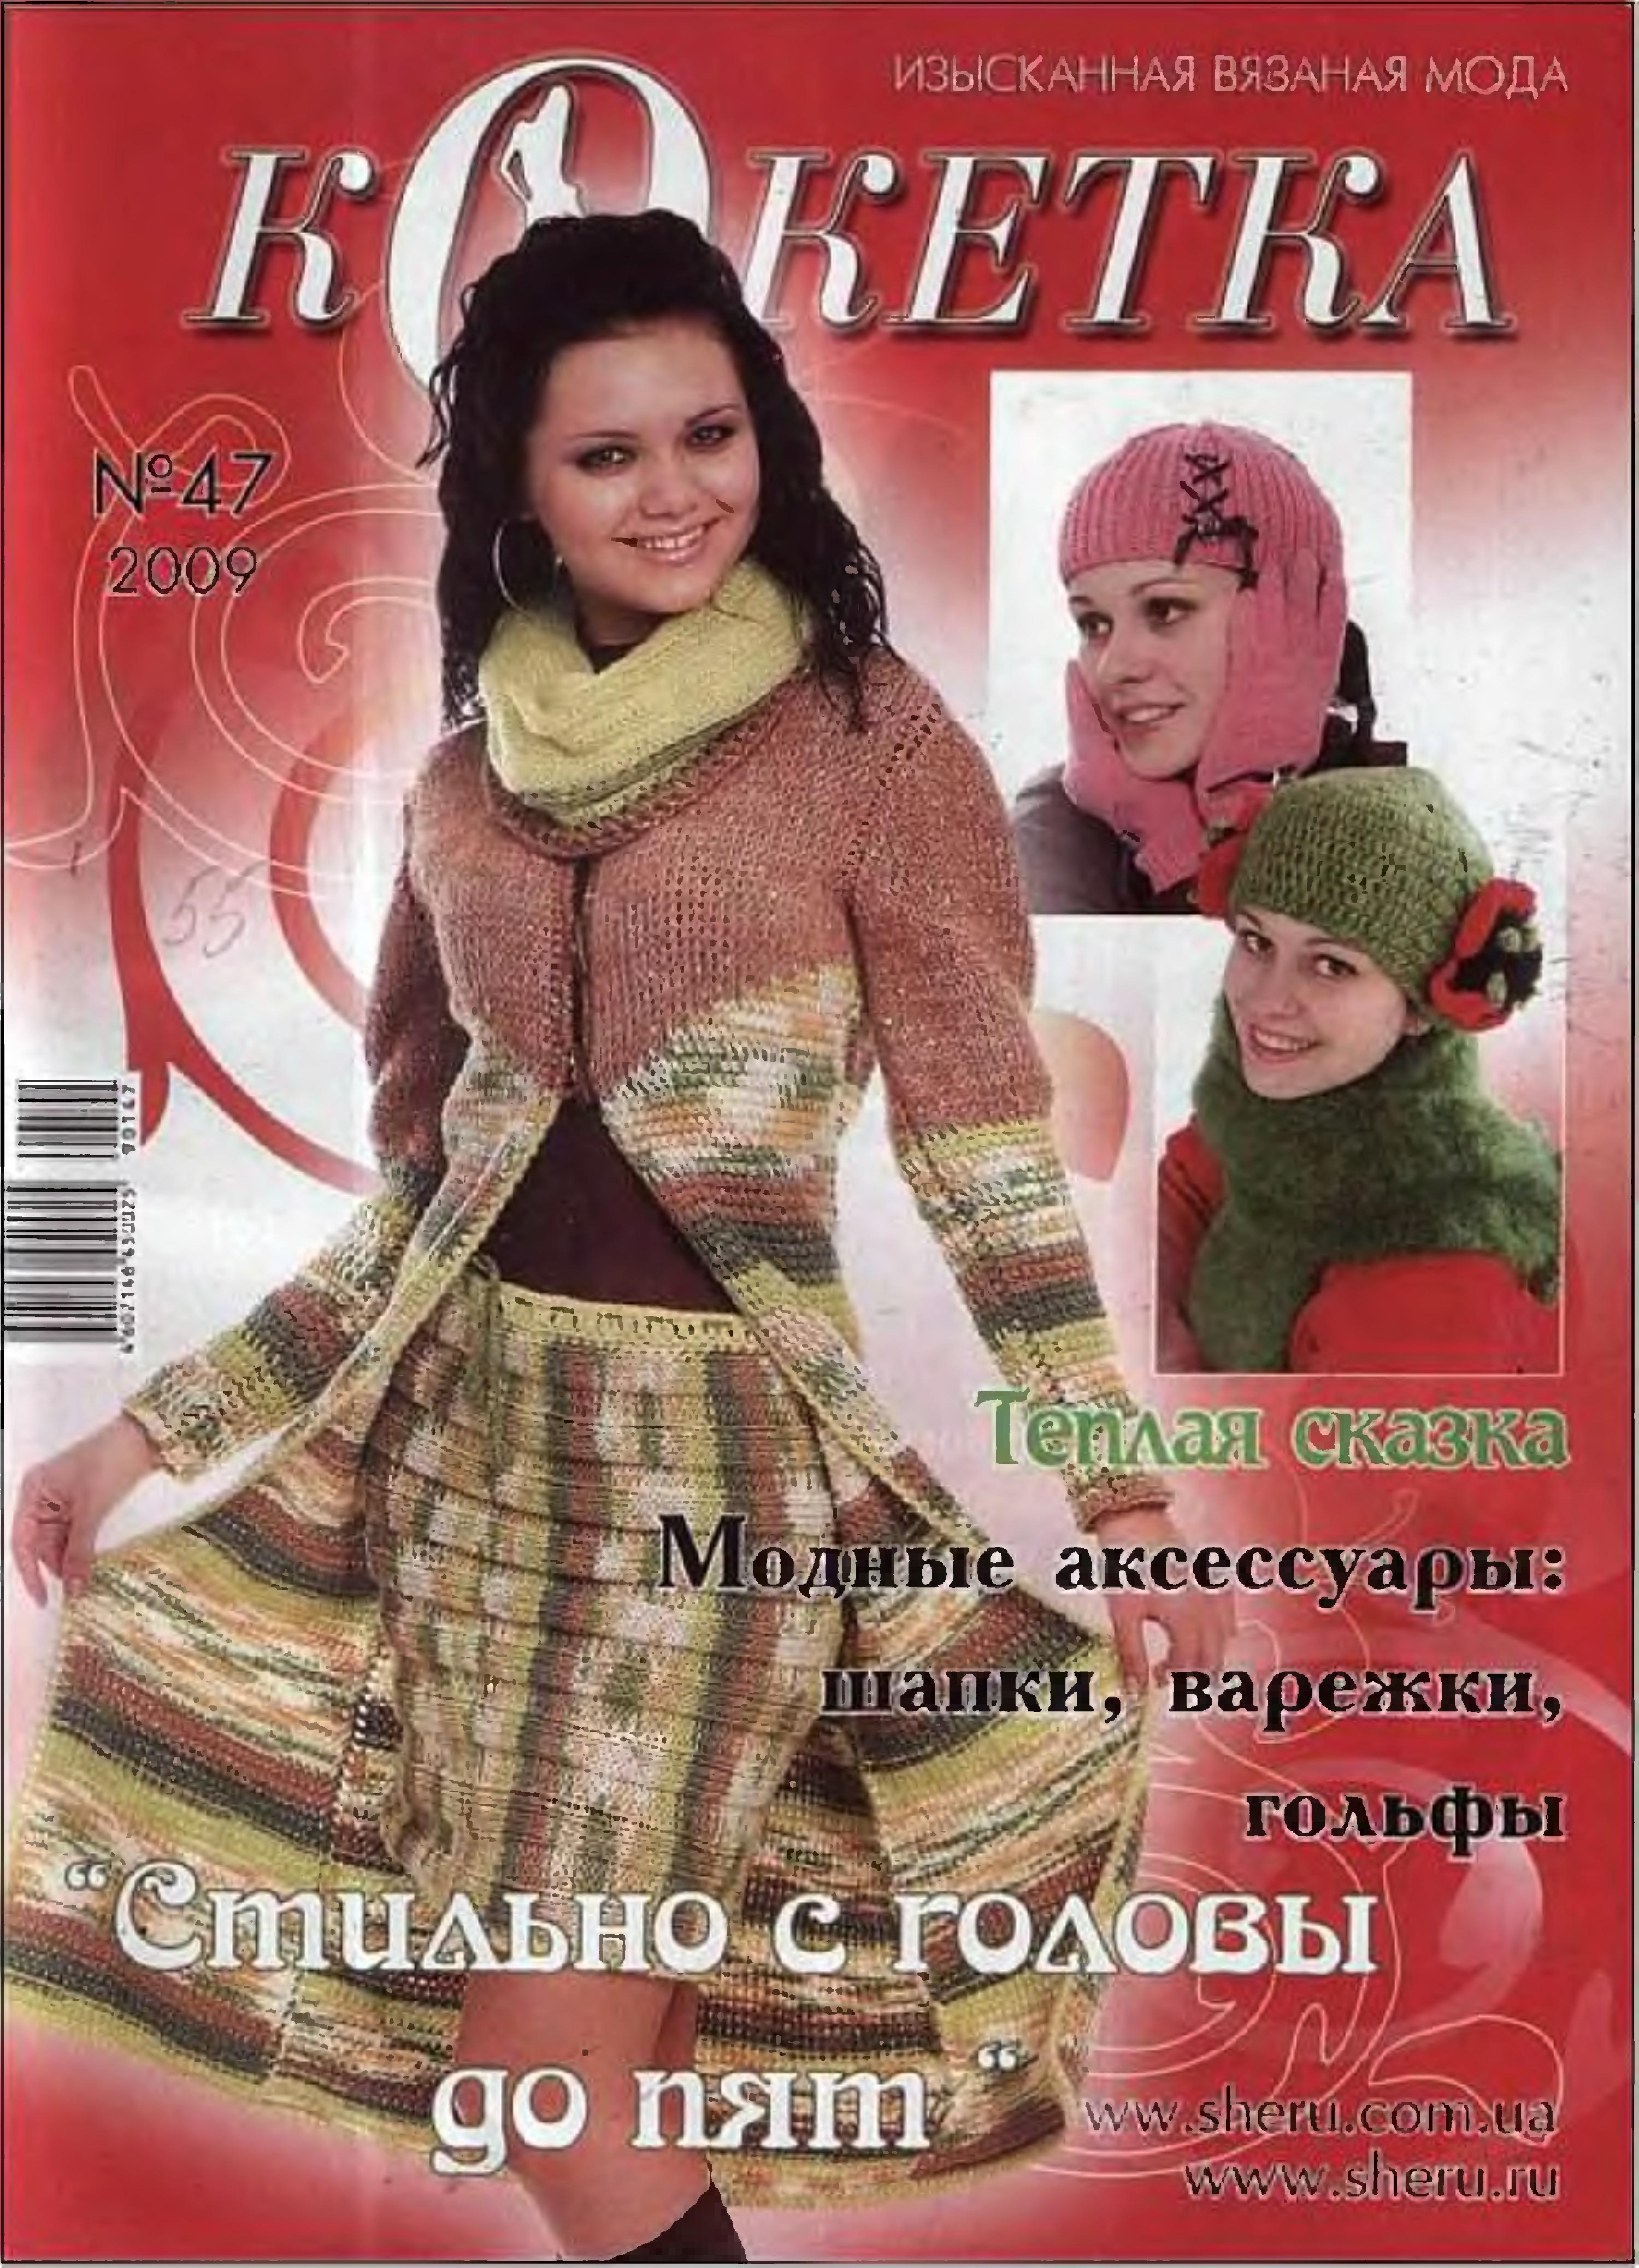 Вязание крючком журнал кокетка